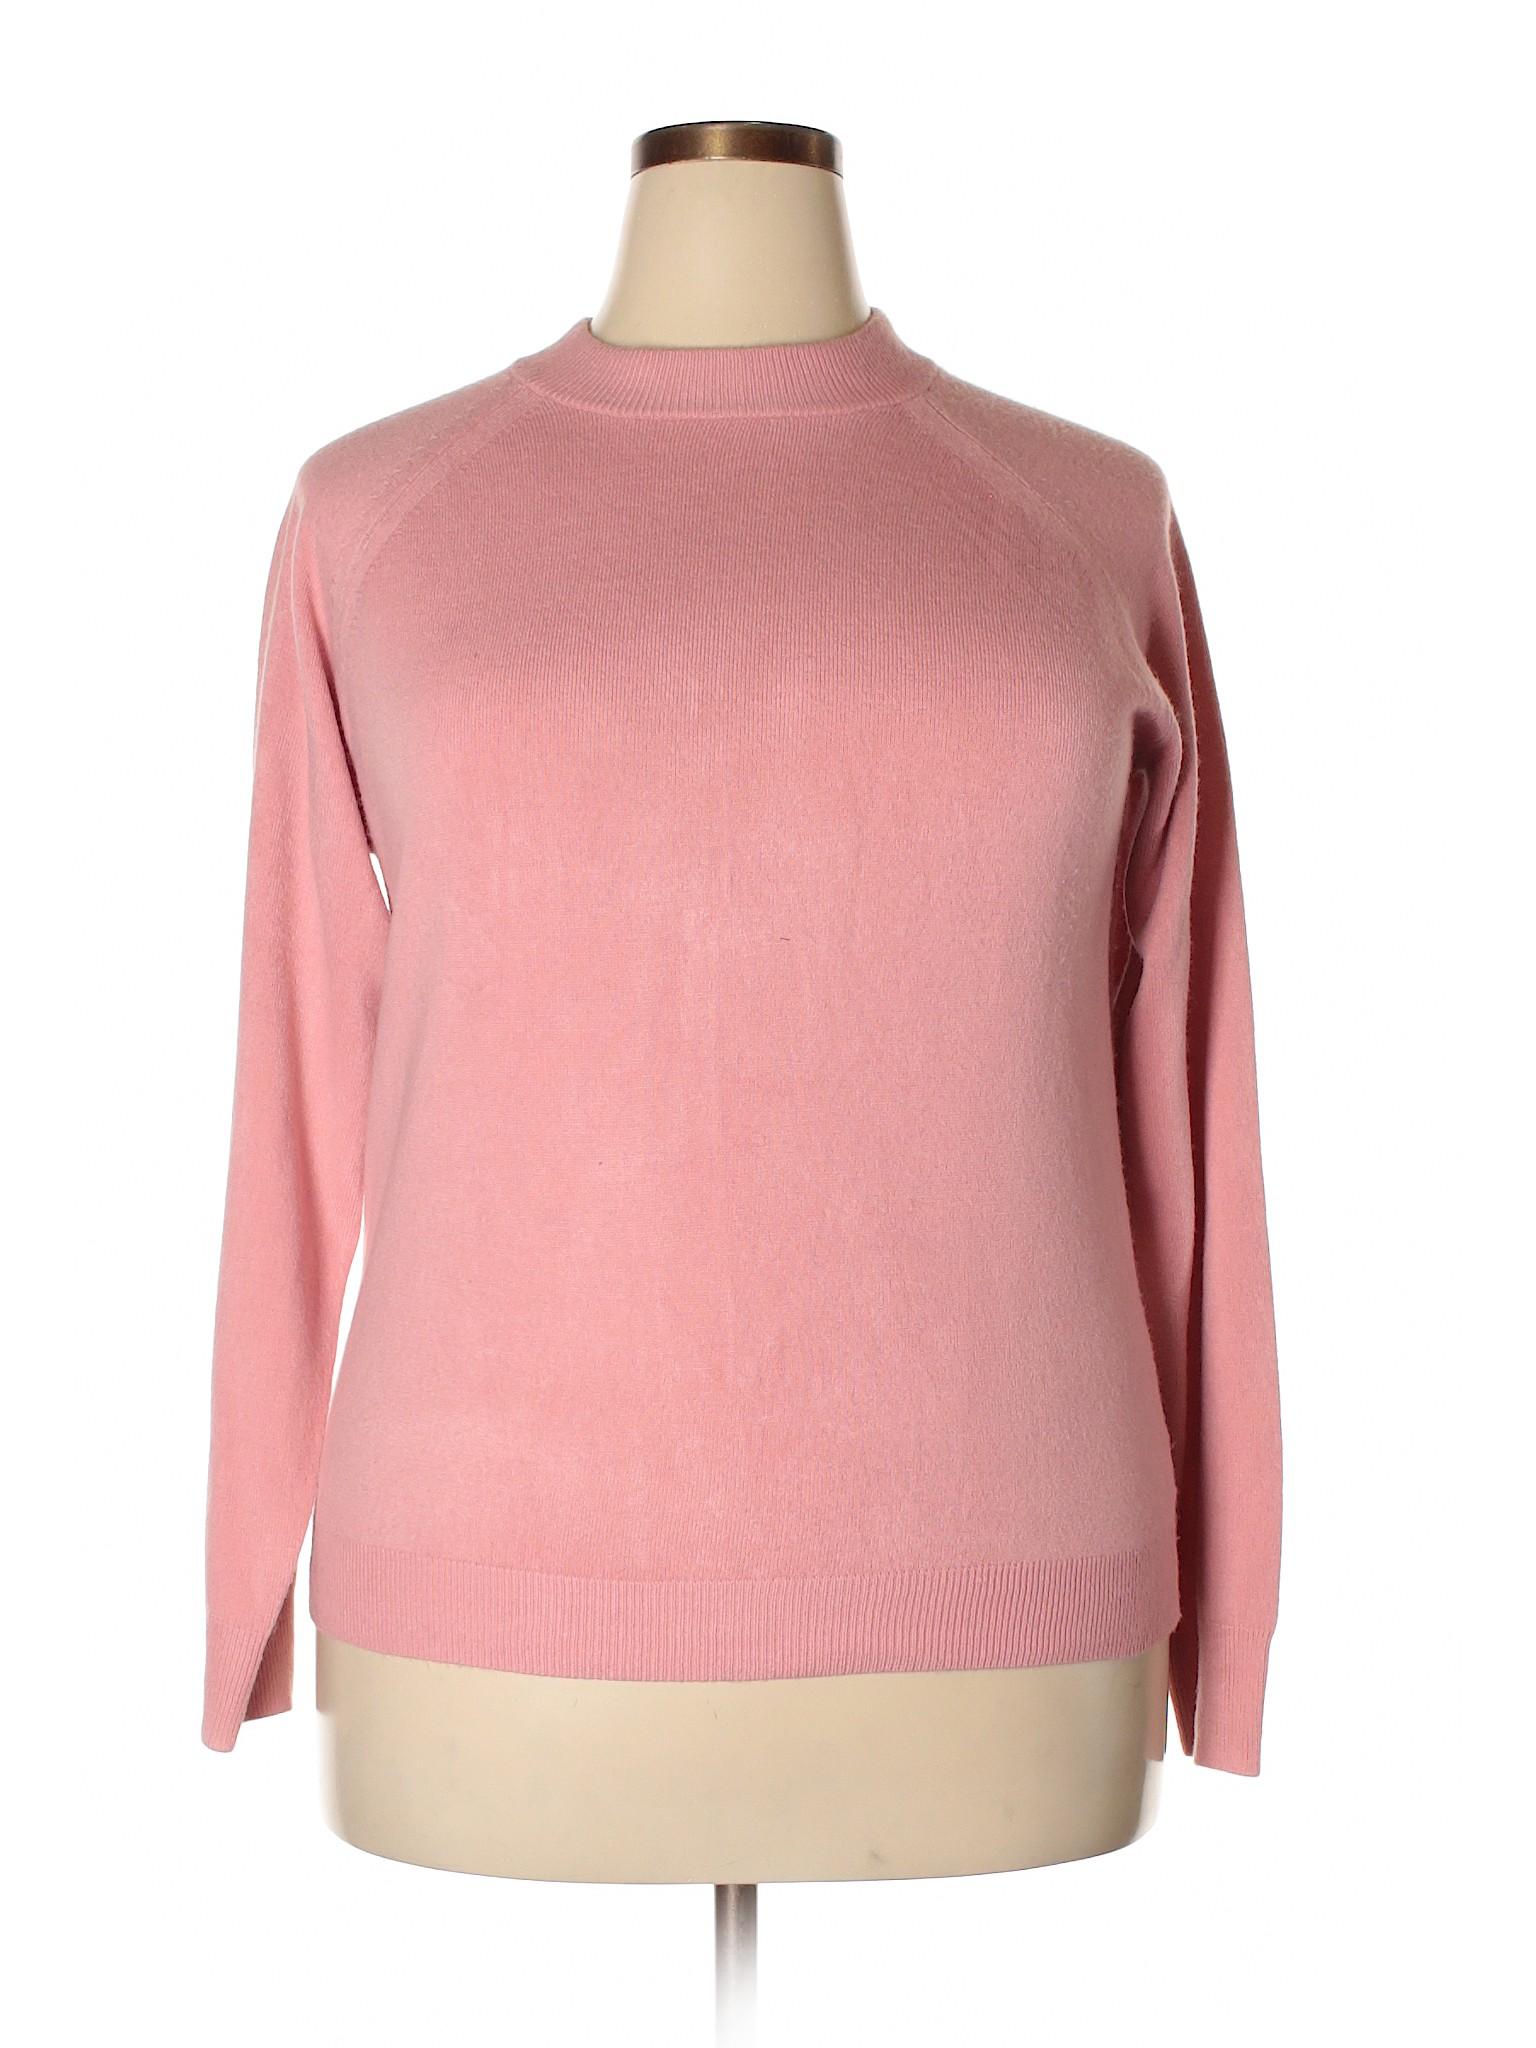 Originals Sweater Sweater Pullover Boutique Originals Boutique Designers Pullover Designers RZBA4q